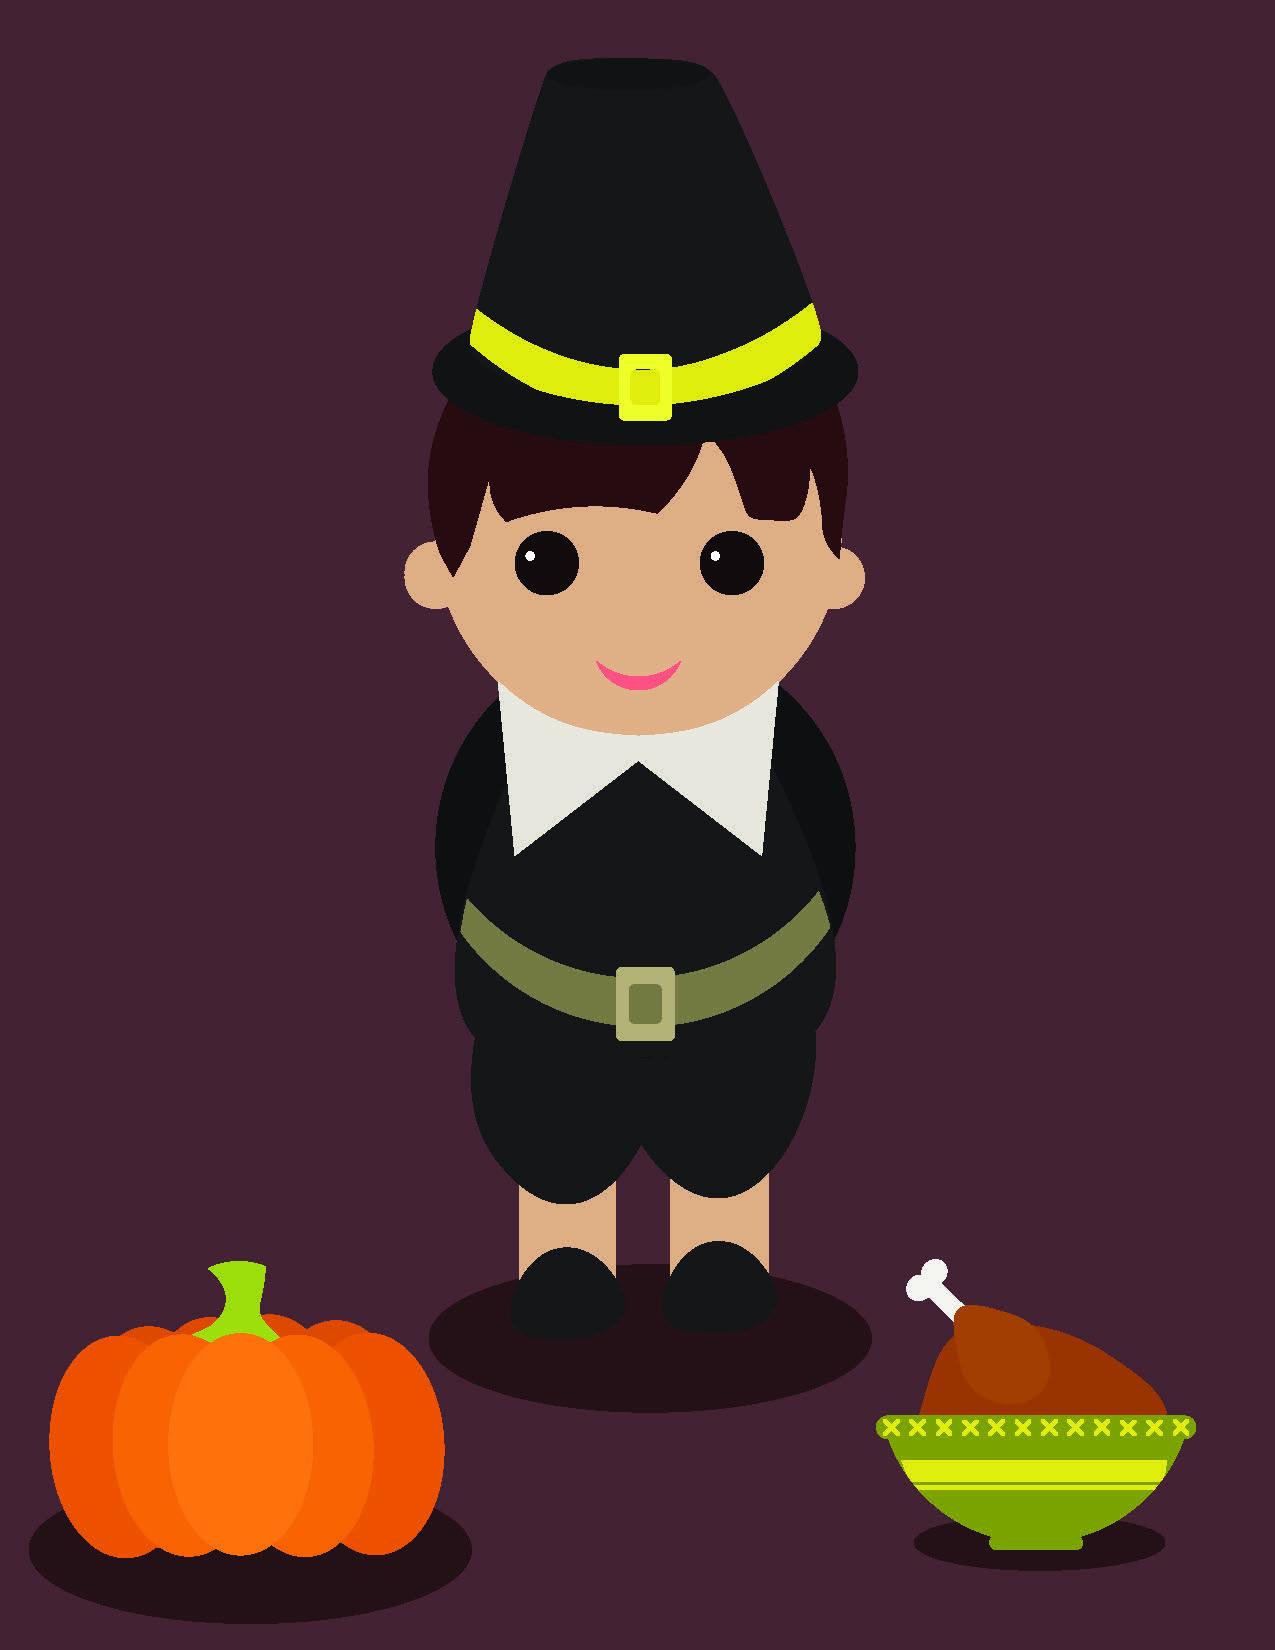 Thanksgiving illustration from tutorial